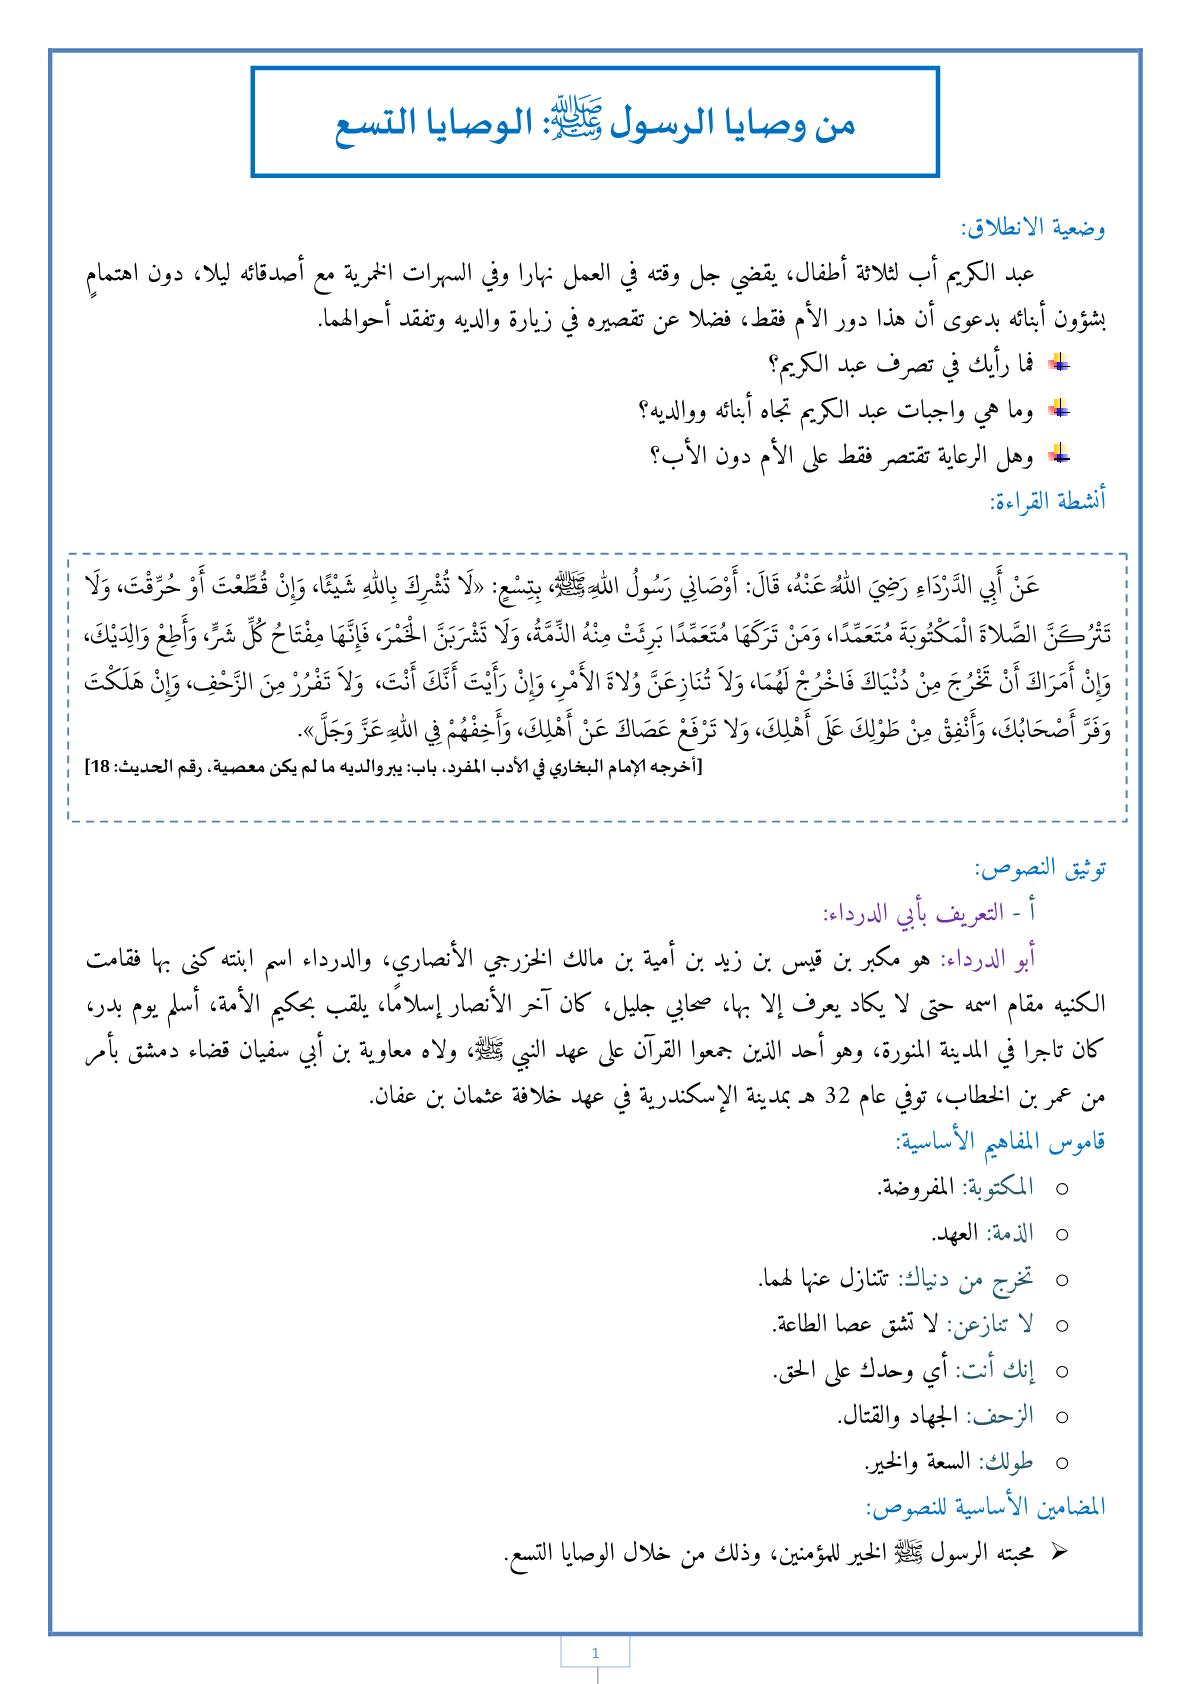 درس من وصايا الرسول ﷺ: الوصايا التسع للسنة الثالثة إعدادي